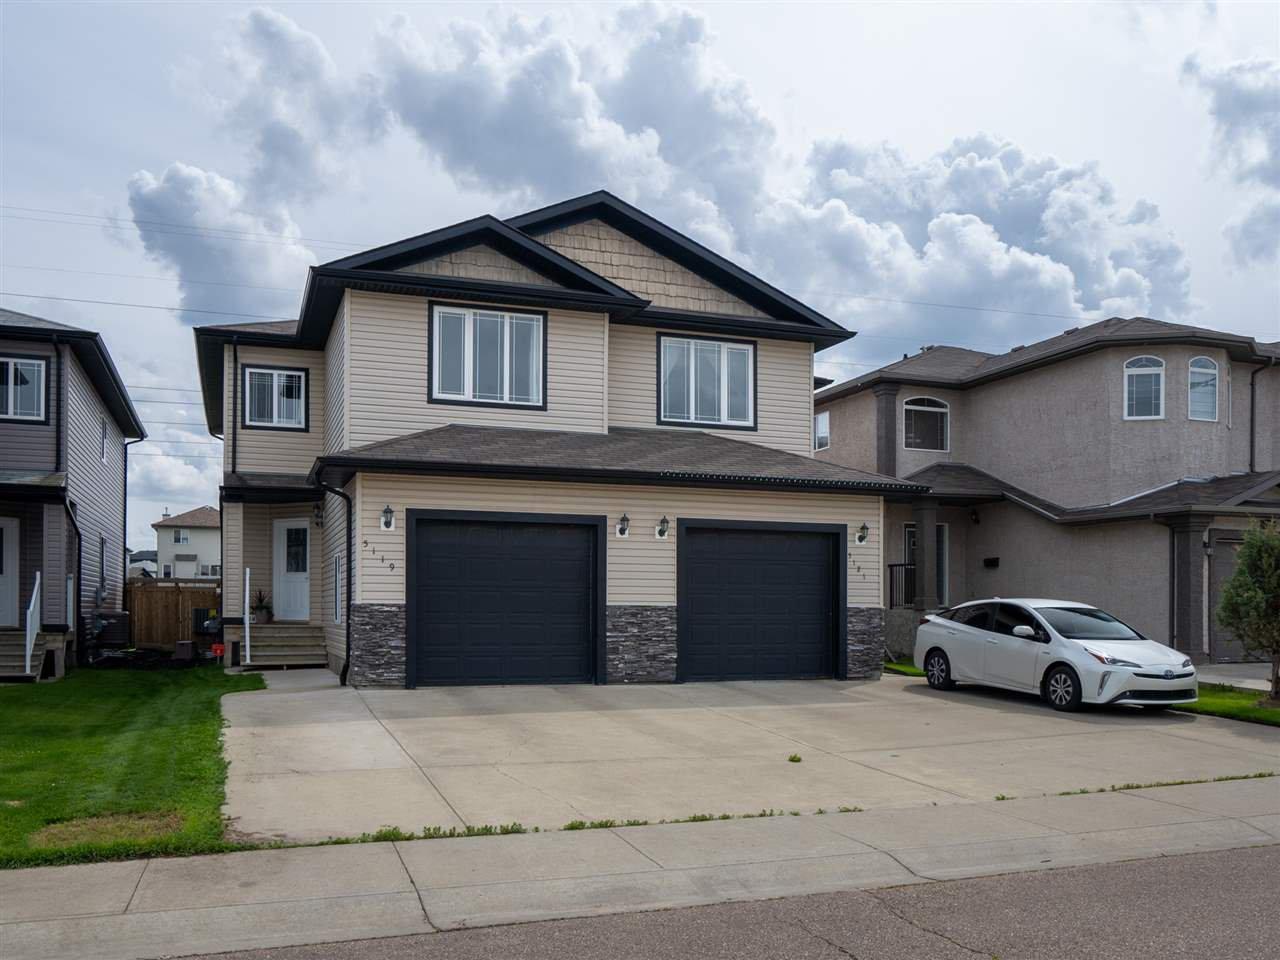 Main Photo: 5119 164 Avenue in Edmonton: Zone 03 House Half Duplex for sale : MLS®# E4206026